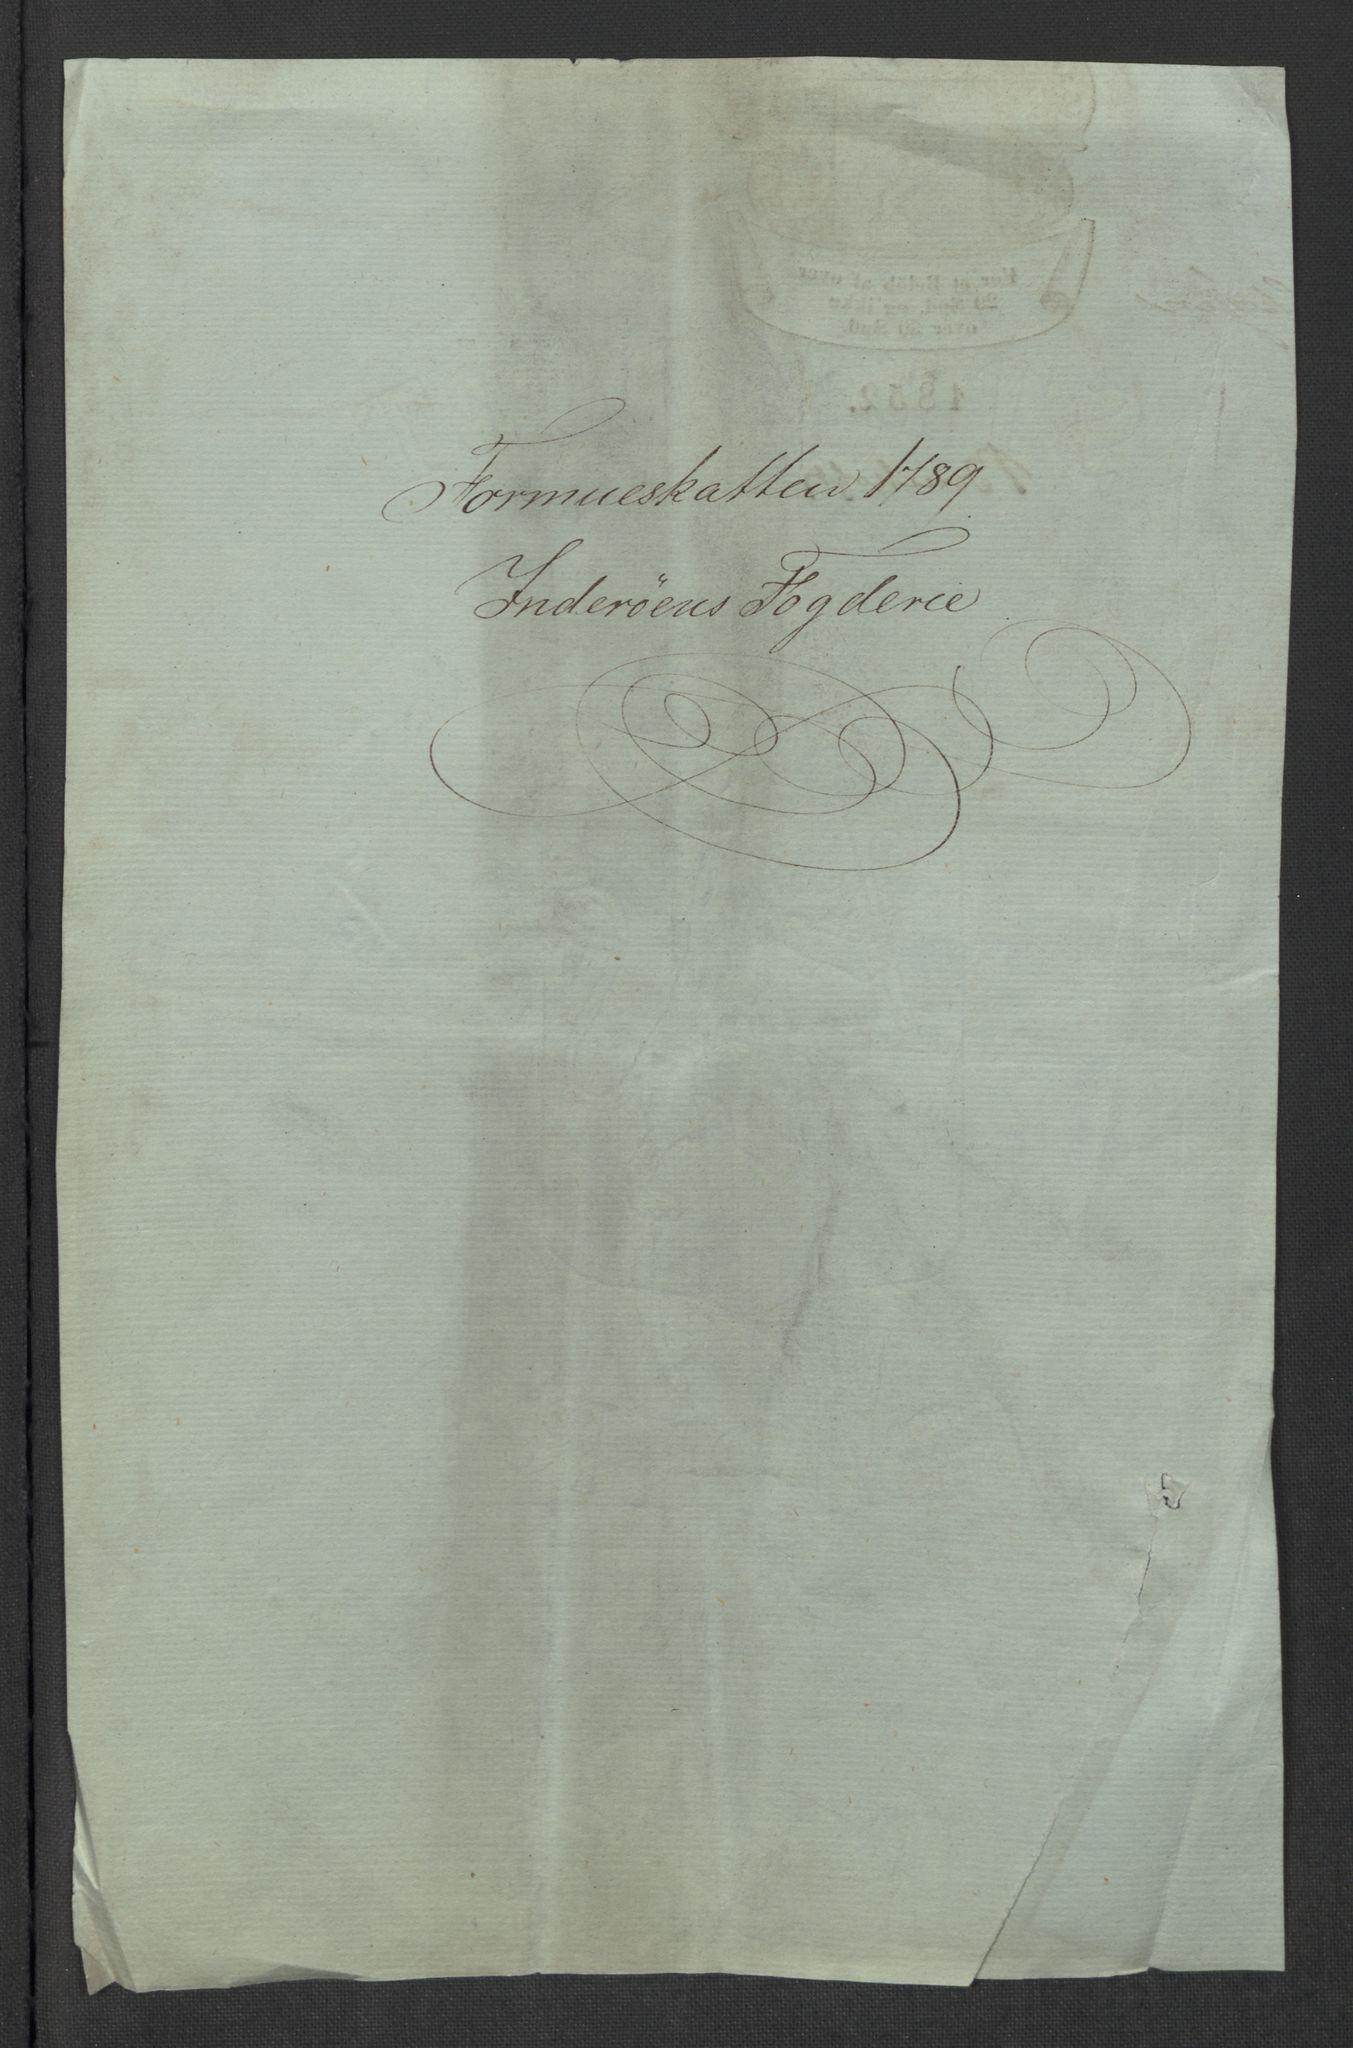 RA, Rentekammeret inntil 1814, Reviderte regnskaper, Mindre regnskaper, Rf/Rfe/L0017: Inderøy fogderi, Jarlsberg grevskap, 1789, s. 3